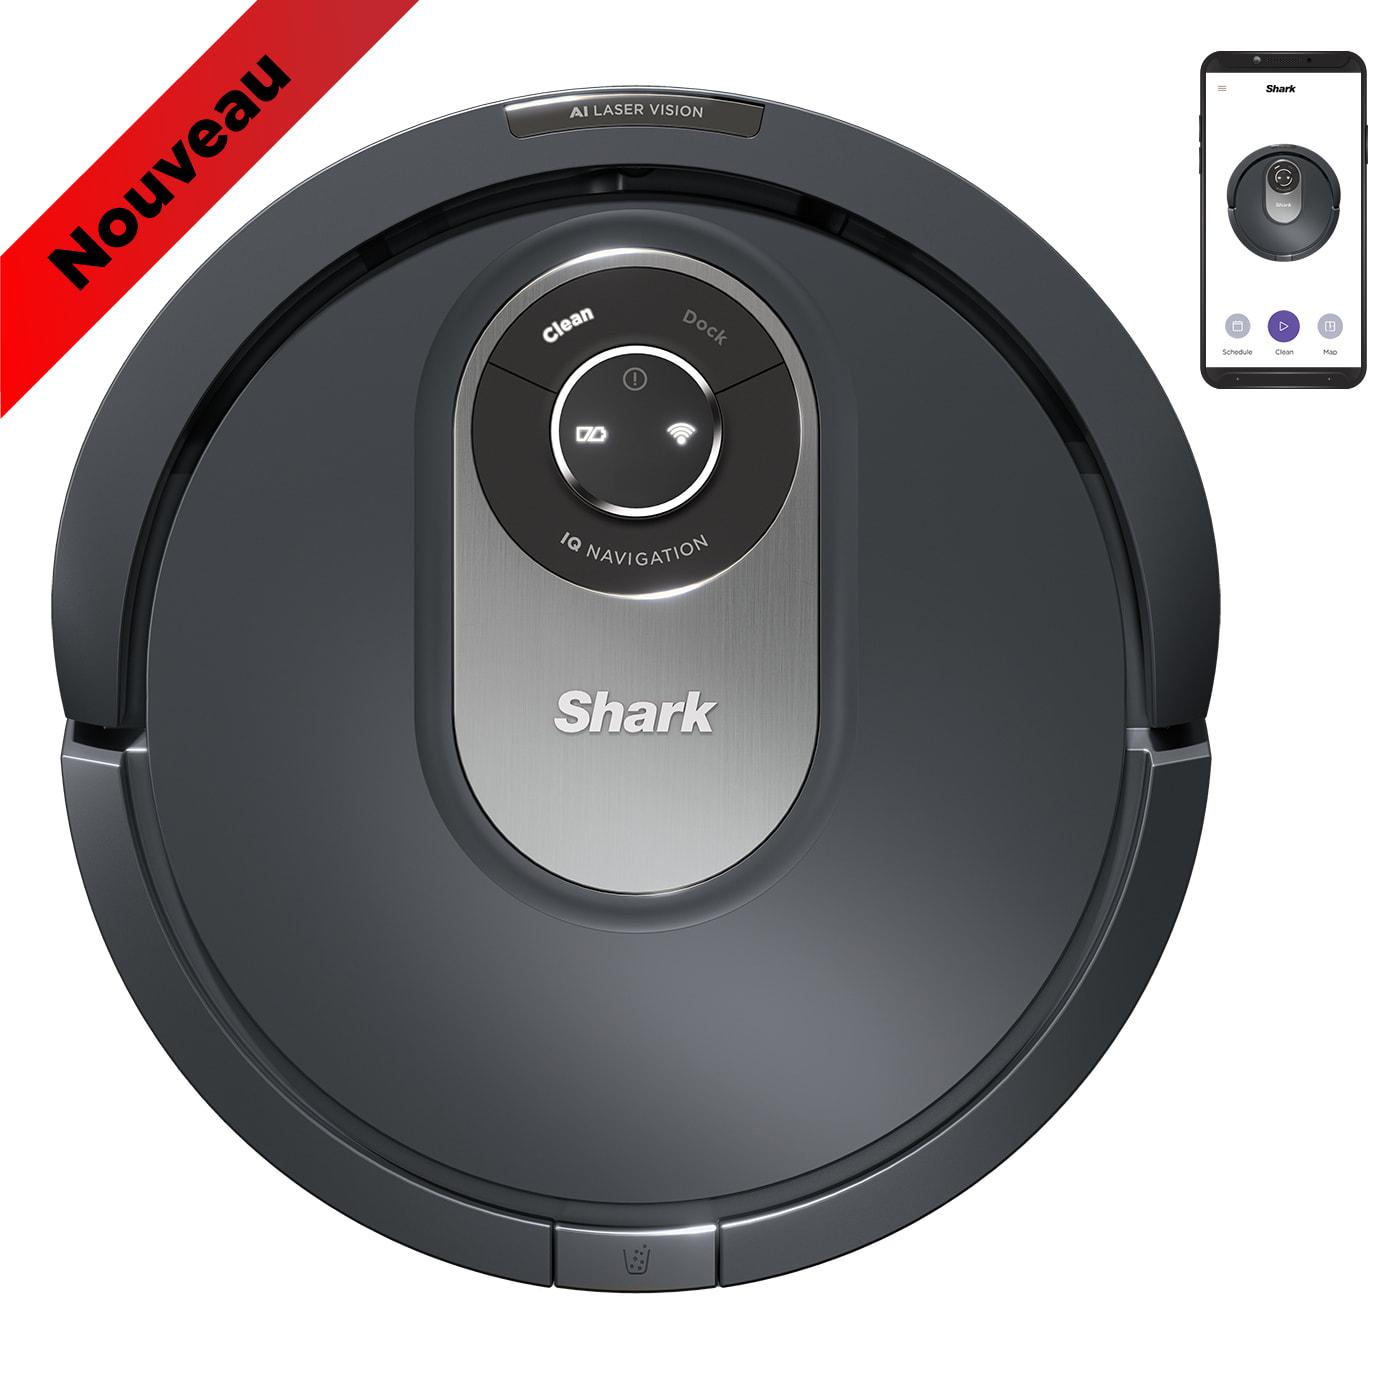 Aspirateur robot Shark RV2001EU, connectivité Wi-Fi, anti-emmêlement de cheveux, détecteur d'obstacles, nettoyage linéaire photo du produit